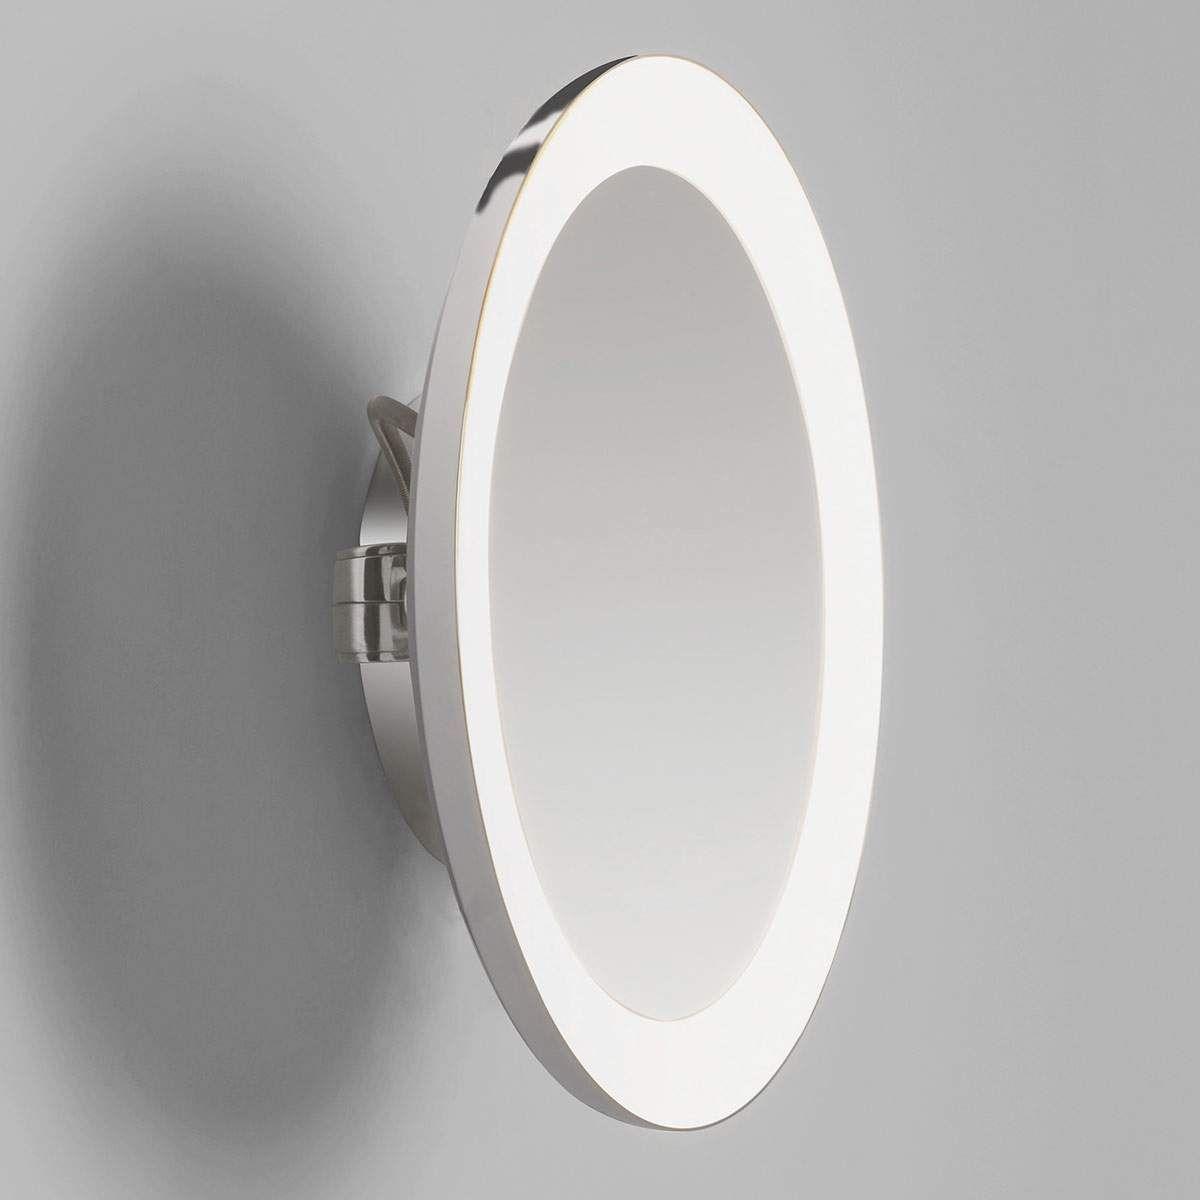 Astro Macali Beleuchteter Led Spiegel Led Spiegel Led Und Moderne Spiegel